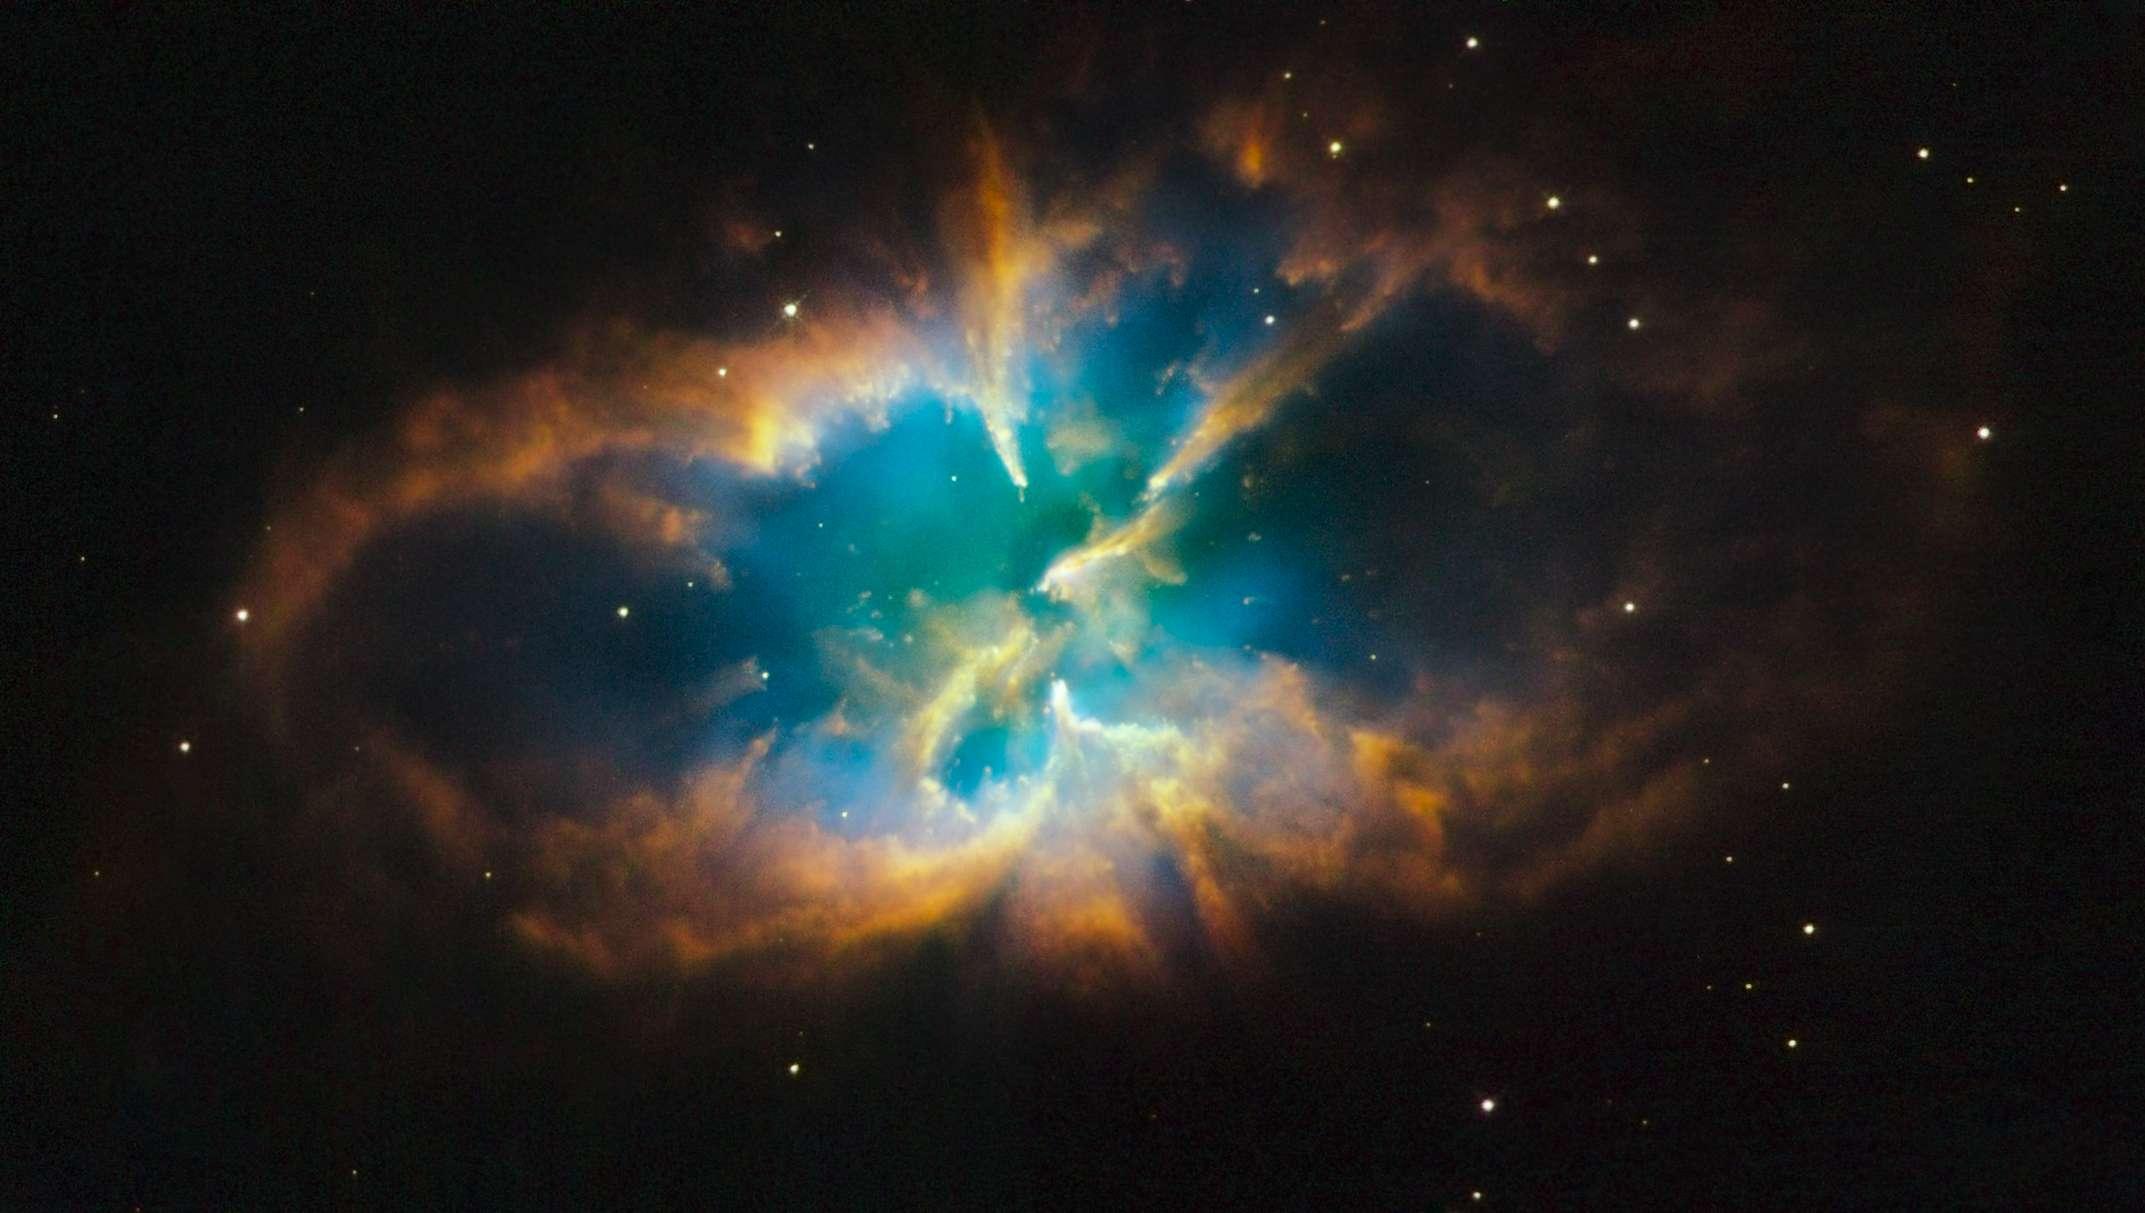 Αεριώδη στρώματα ενός αστεριού σαν τον Ήλιο, που εκτοξεύτηκαν μακριά του όταν το αστέρι έφτασε στο τέλος της ζωής του. – Για περισσότερες φωτογραφίες του δορυφόρου Hubble, επισκεφτείτε την επίσημη ιστοσελίδα.